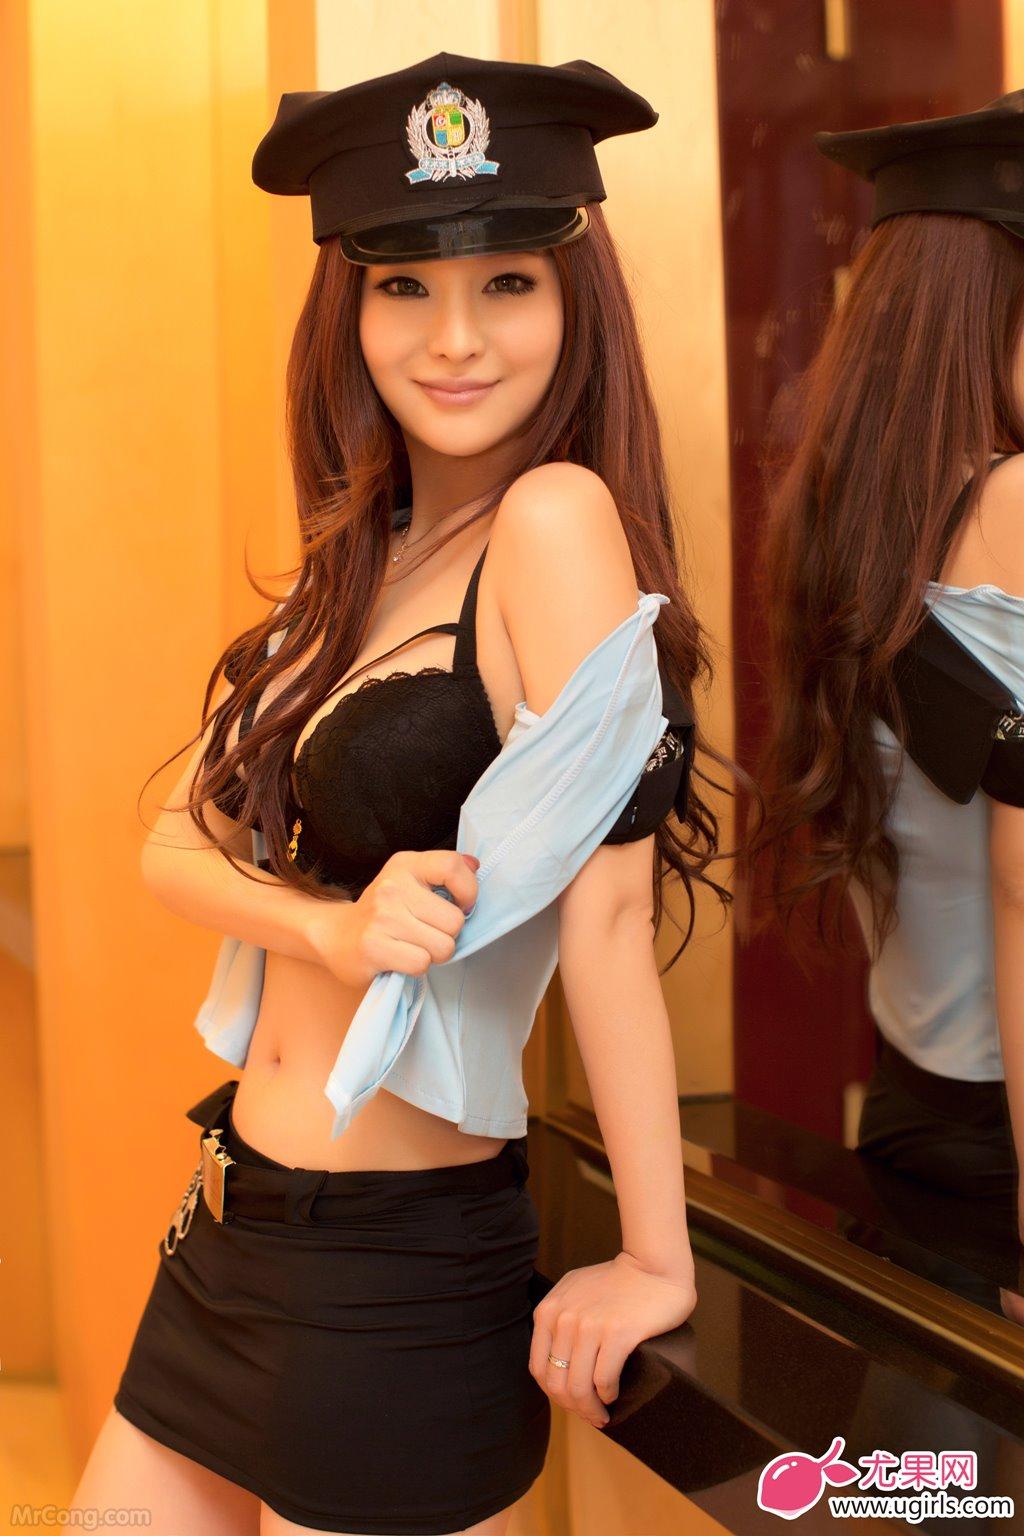 Image MrCong.com-UGIRLS-015-Chun-Xiao-Xi-005 in post Người đẹp Chun Xiao Xi (纯小希) siêu nóng bỏng trong bộ ảnh UGIRLS 015